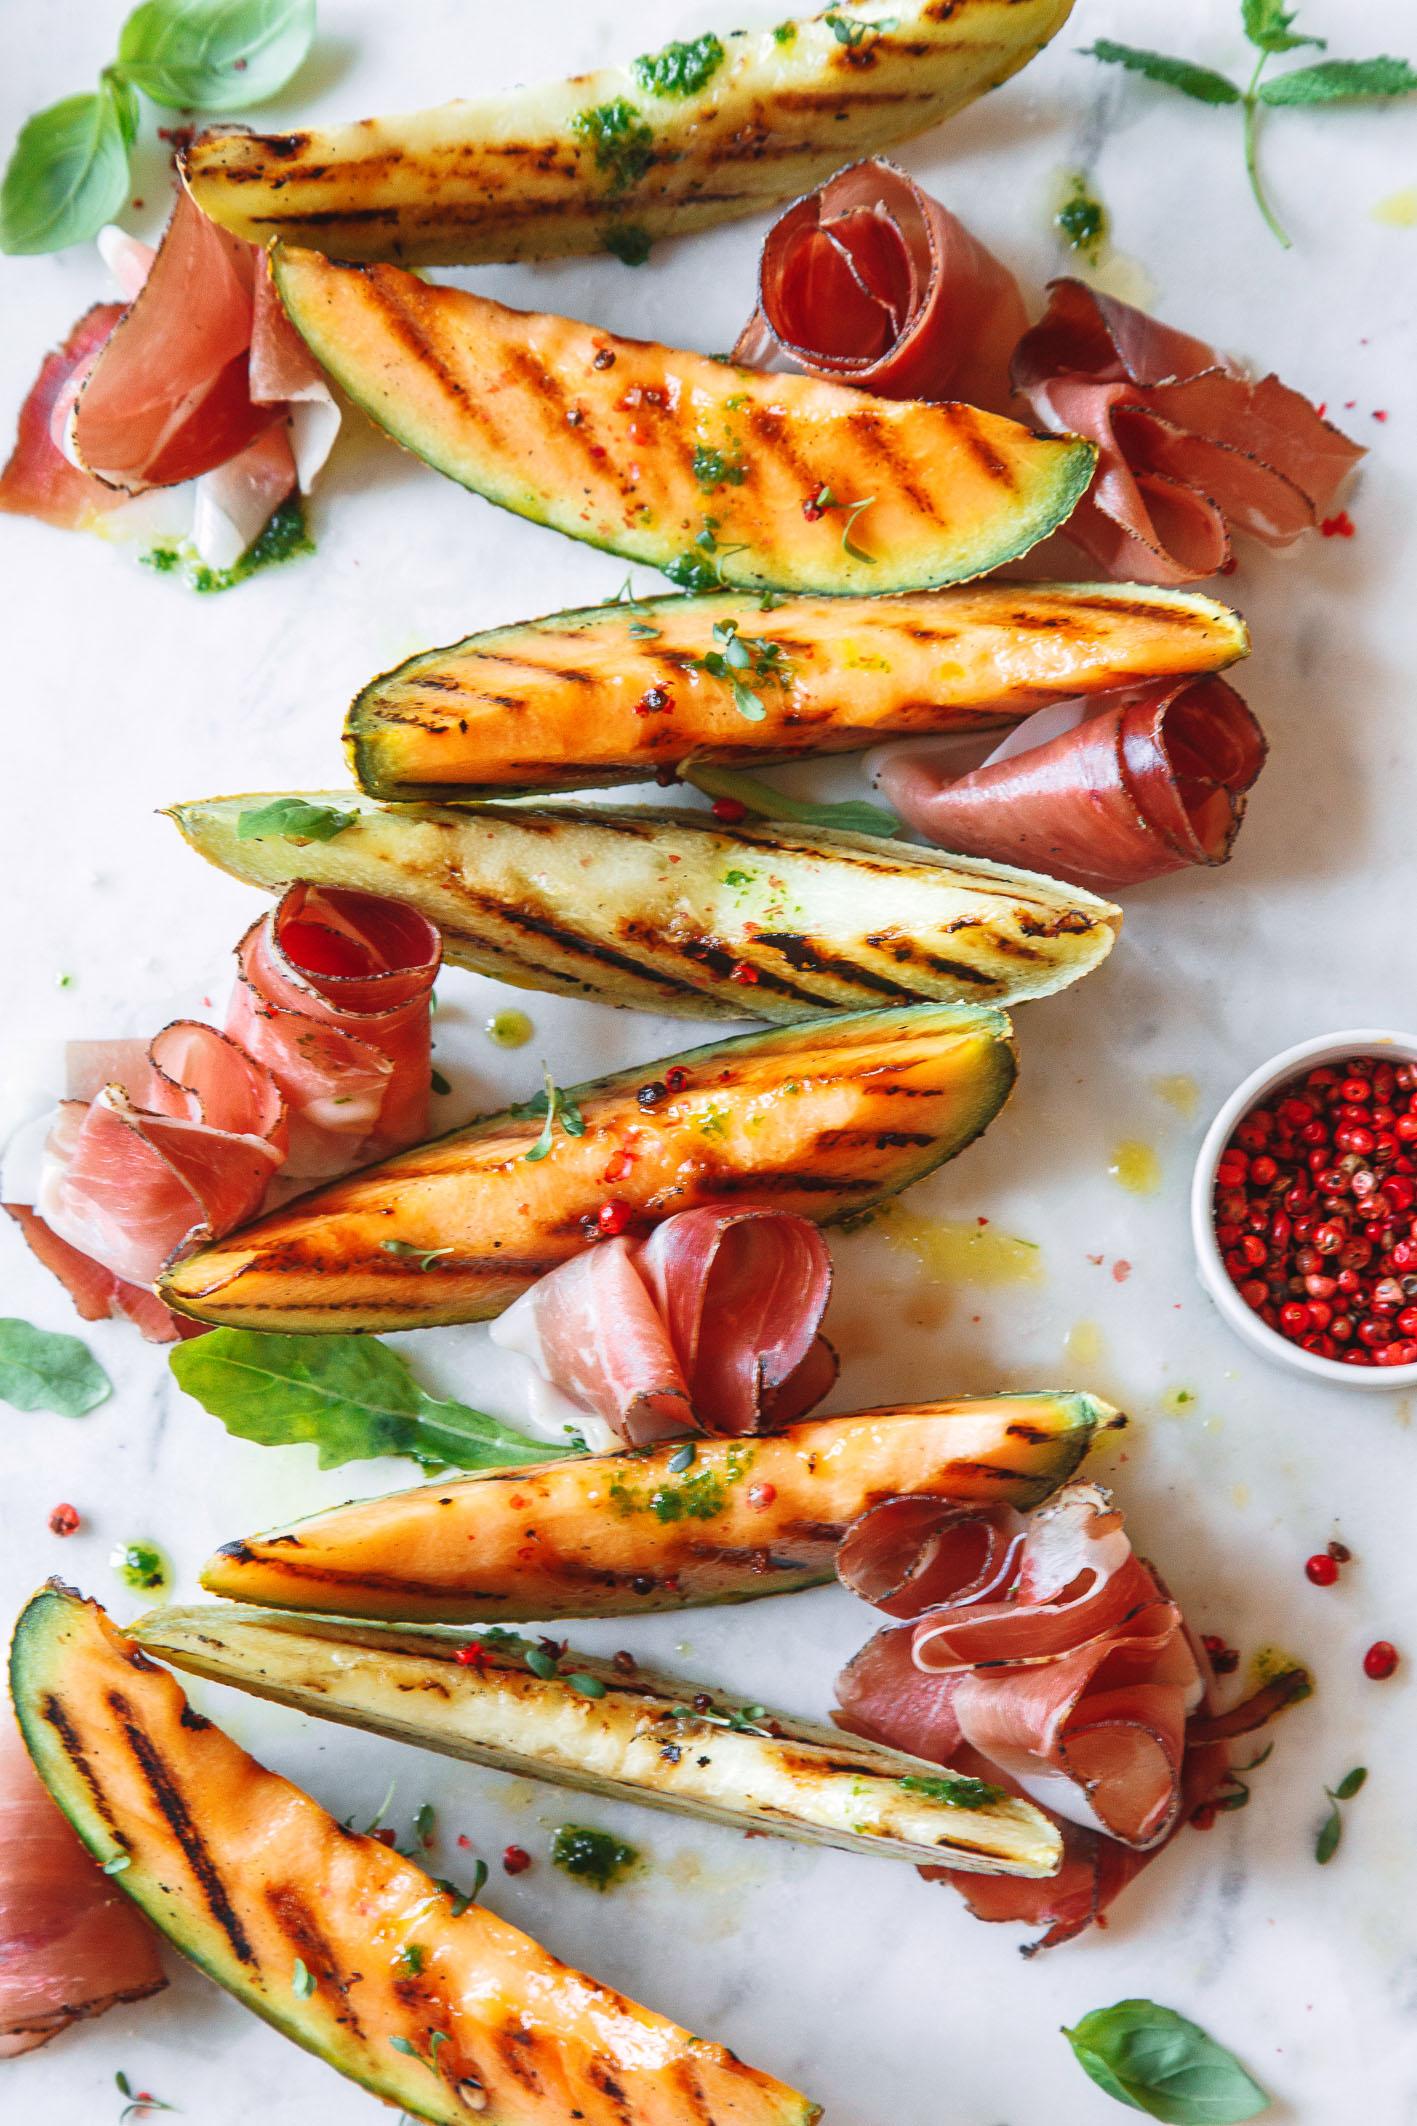 Gegrillte Melonenspalten mit Speck und Pesto auf weißer Platte